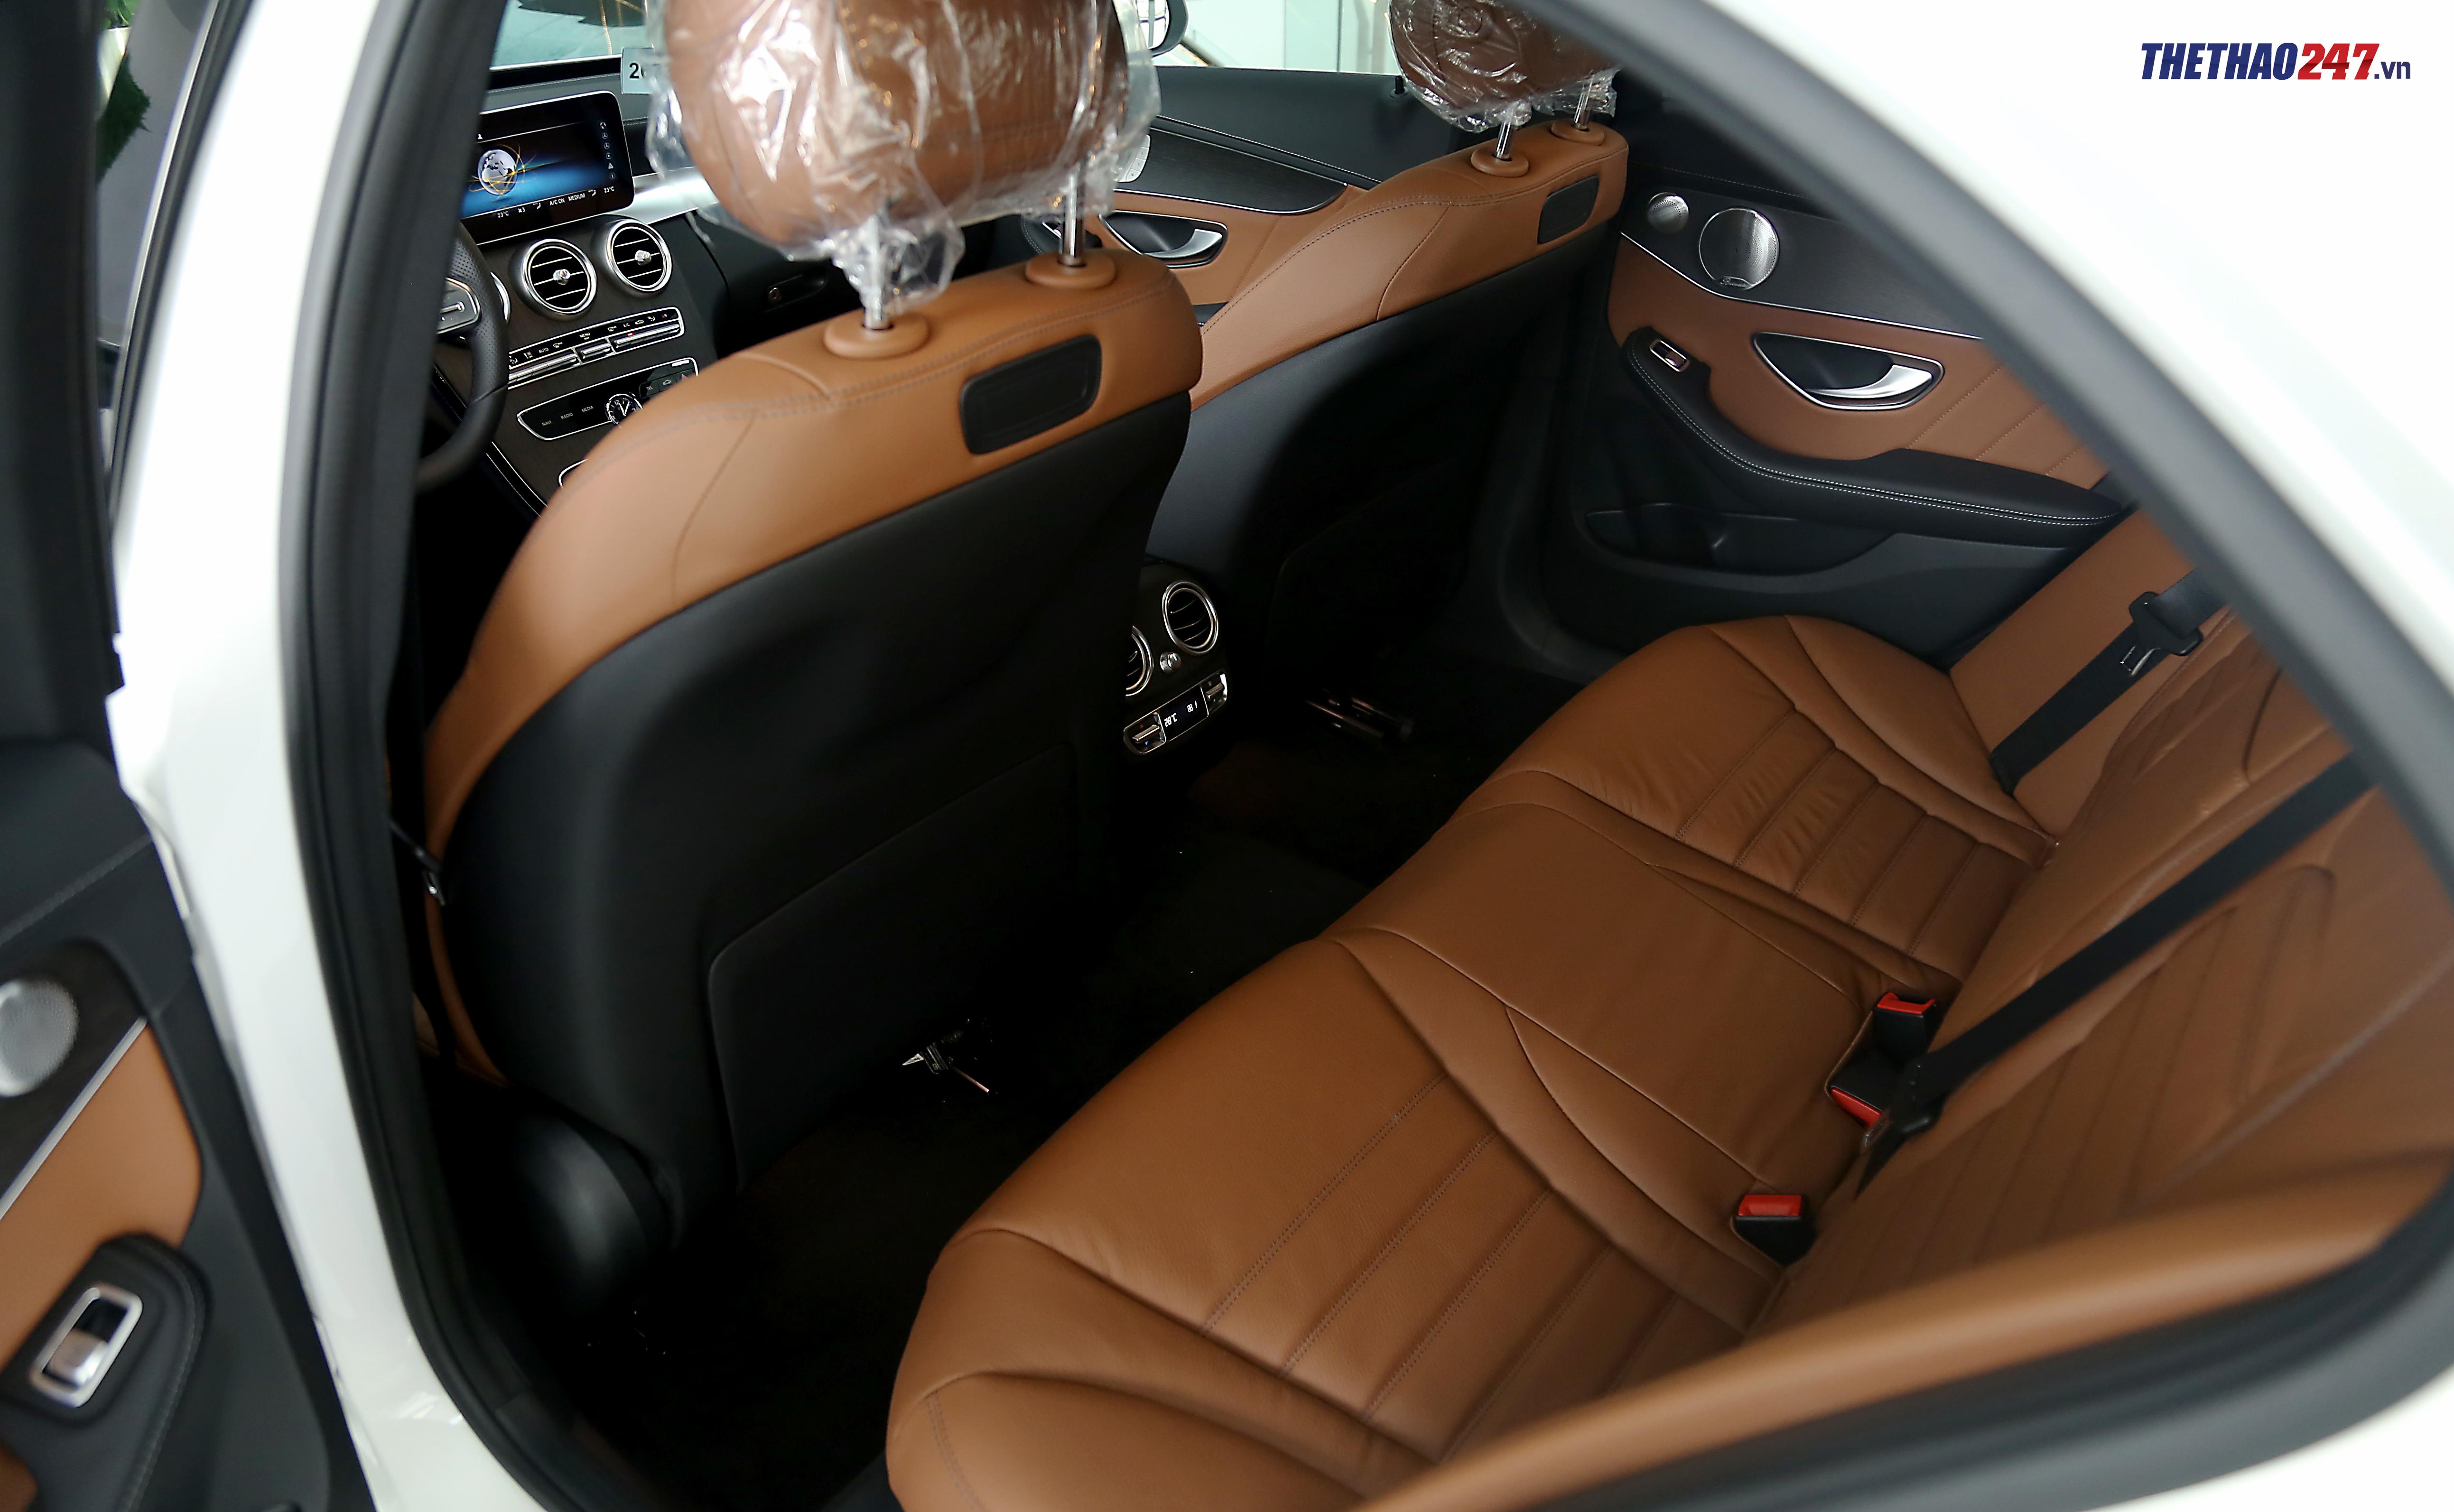 Mercedes-Benz C300 AMG 2019, chi tiết xe Mercedes-Benz C300 AMG 2019, đánh giá xe Mercedes-Benz C300 AMG 2019, Mercedes-Benz C300, C300 2019, Mercedes-Benz, ô tô, E-Class, S-Class, C-Class